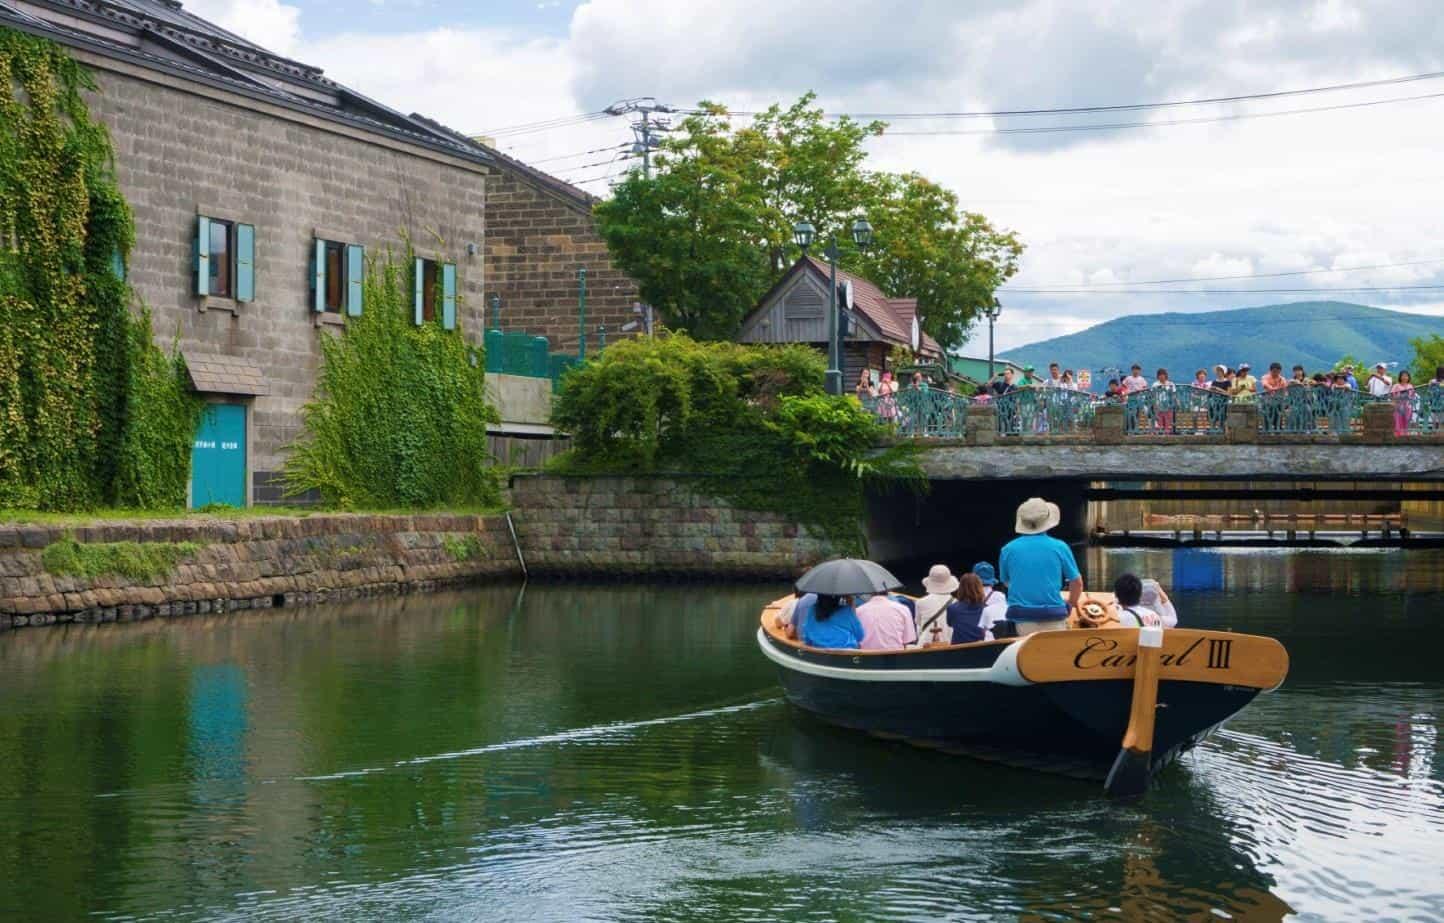 การล่องเรือชมวิวในคลองโอตารุ ชื่นชมความโรแมนติกและความน่ารักของผู้คนท้องถิ่น